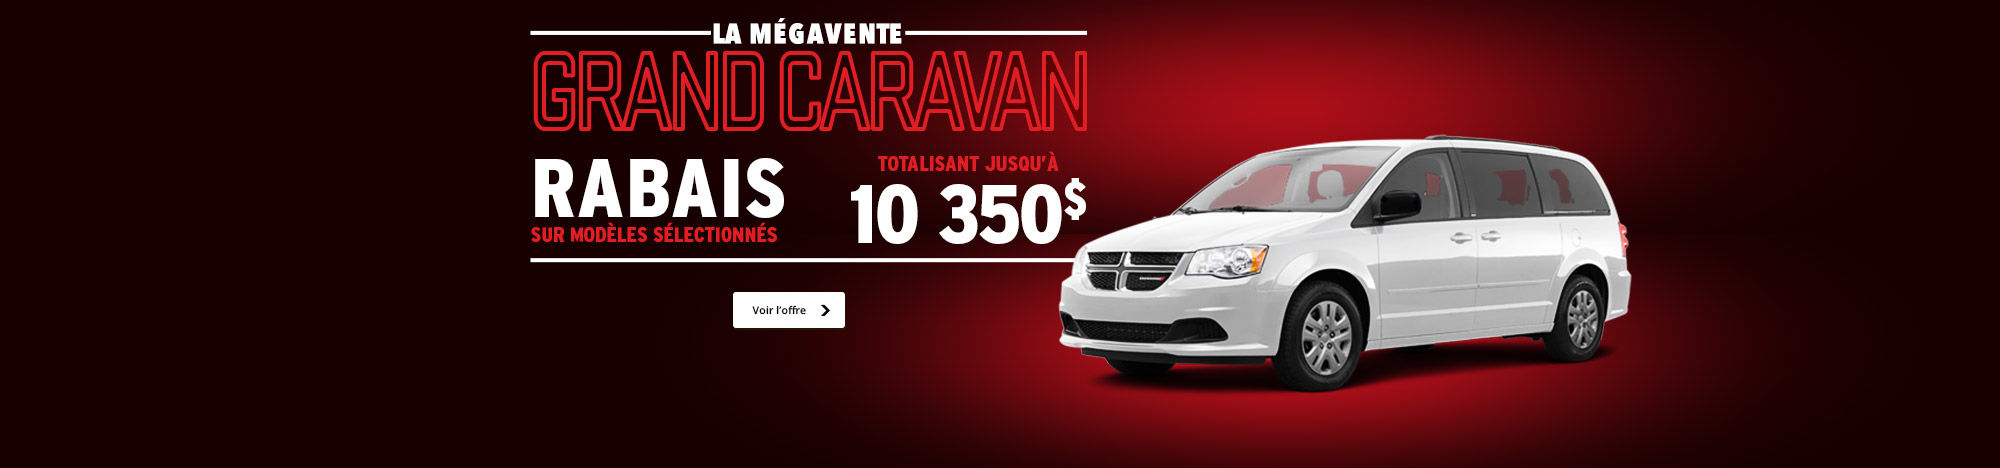 Chrysler Mégavente Caravan